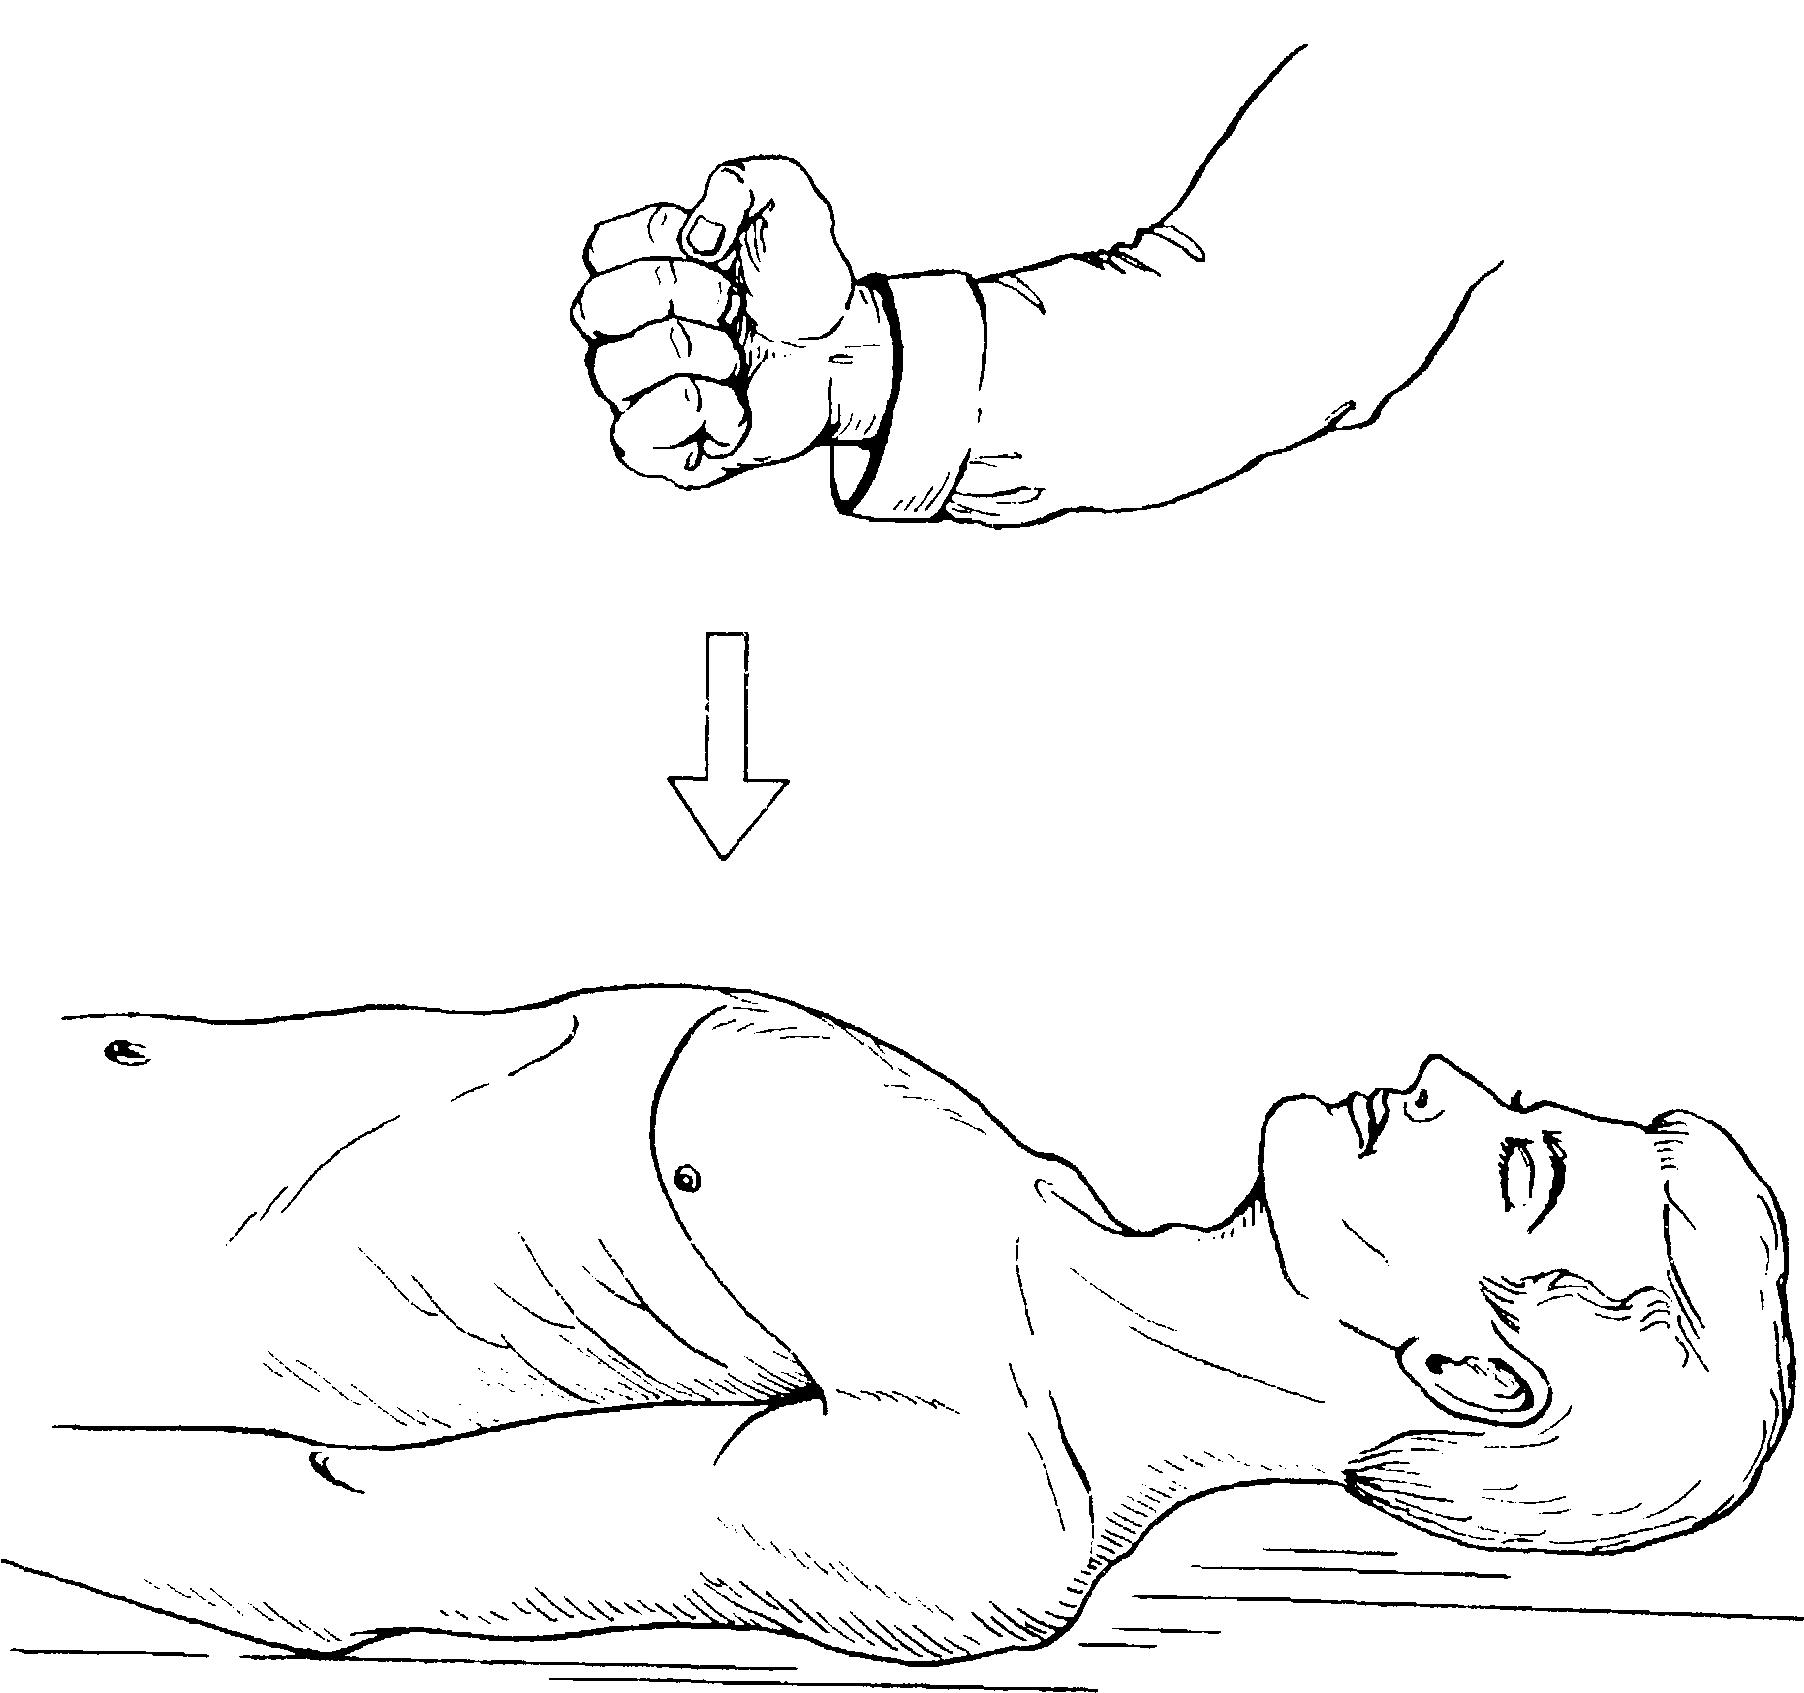 Лекарственная терапия при остановке сердца